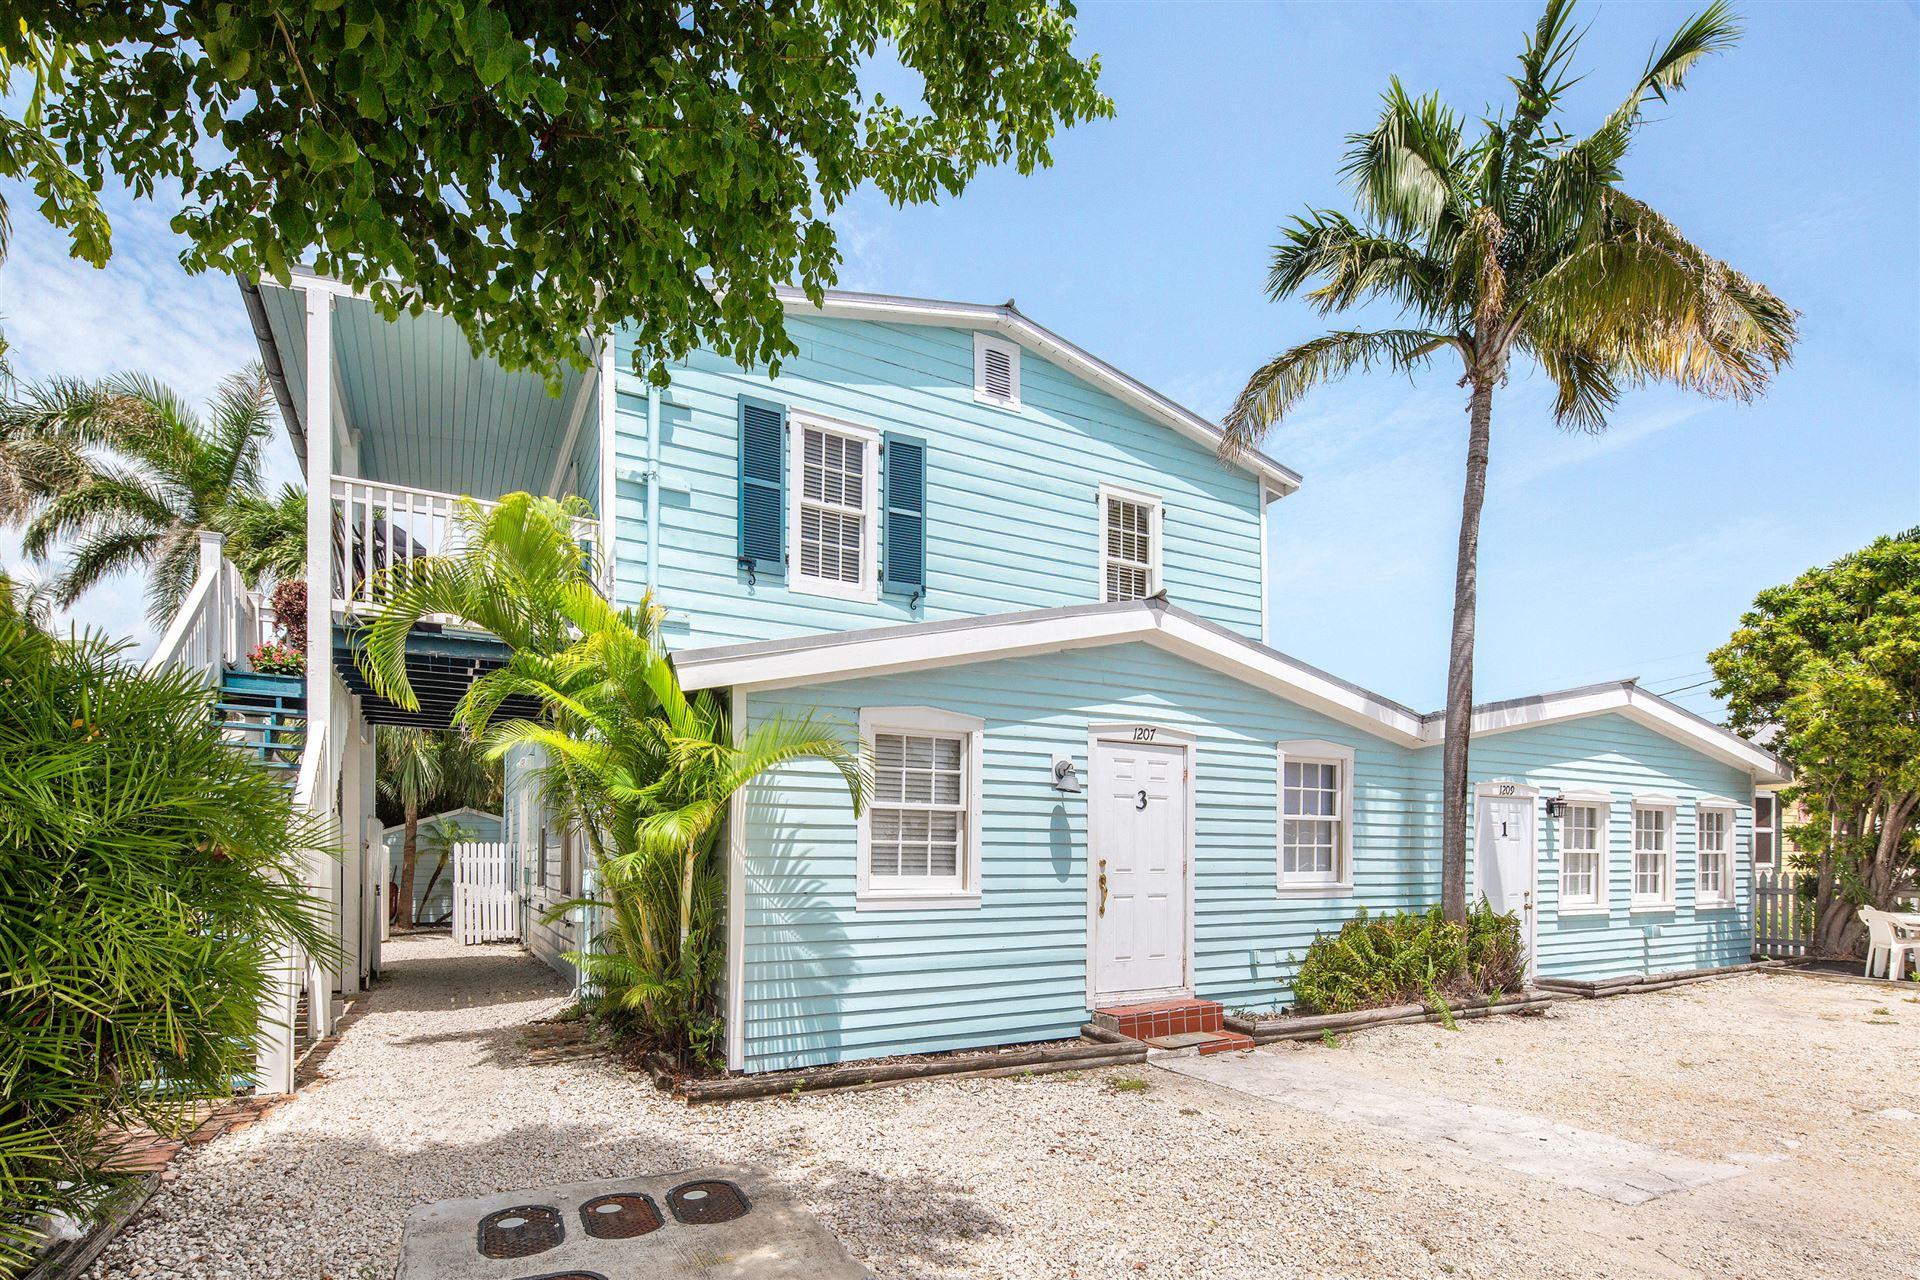 1207 William Street #3, Key West, FL 33040 - #: 594042